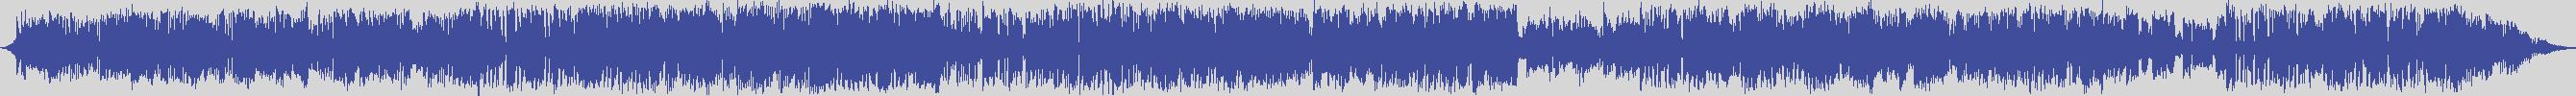 smilax_dig_records [SDR001] Rodriguez Garcia Y Raphael - Lo Mas Sagrao [Original Mix] audio wave form